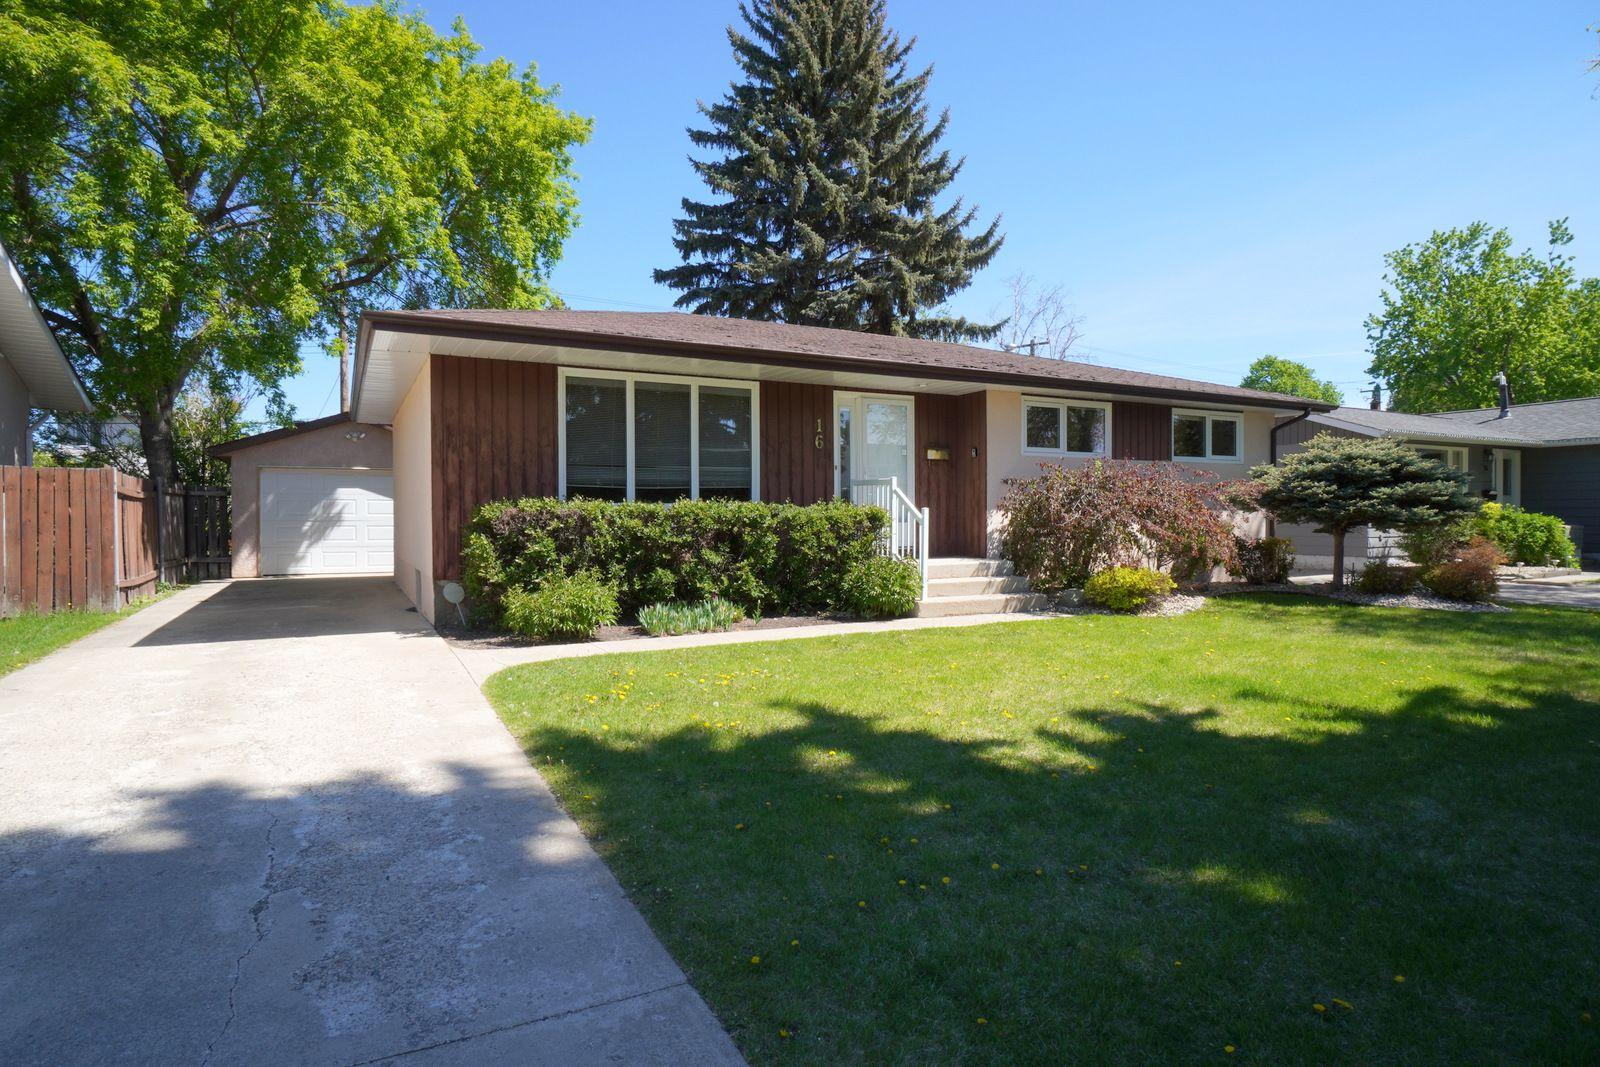 Main Photo: 16 Radisson Avenue in Portage la Prairie: House for sale : MLS®# 202112612